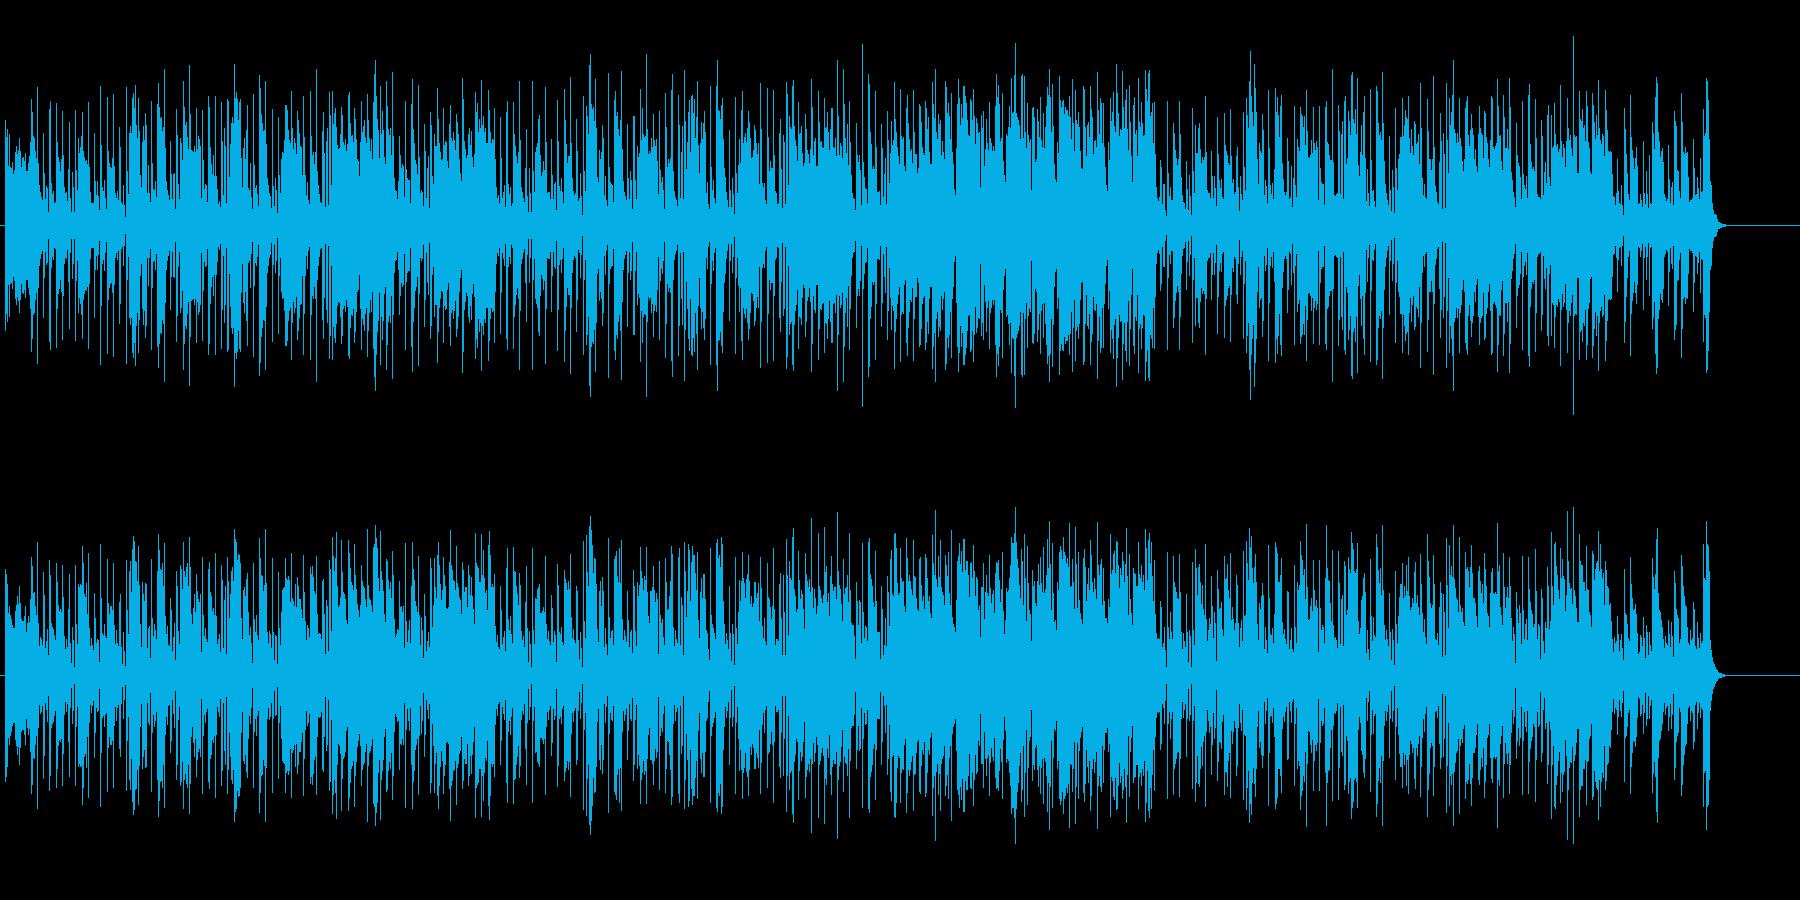 ファンキーミュージックの再生済みの波形